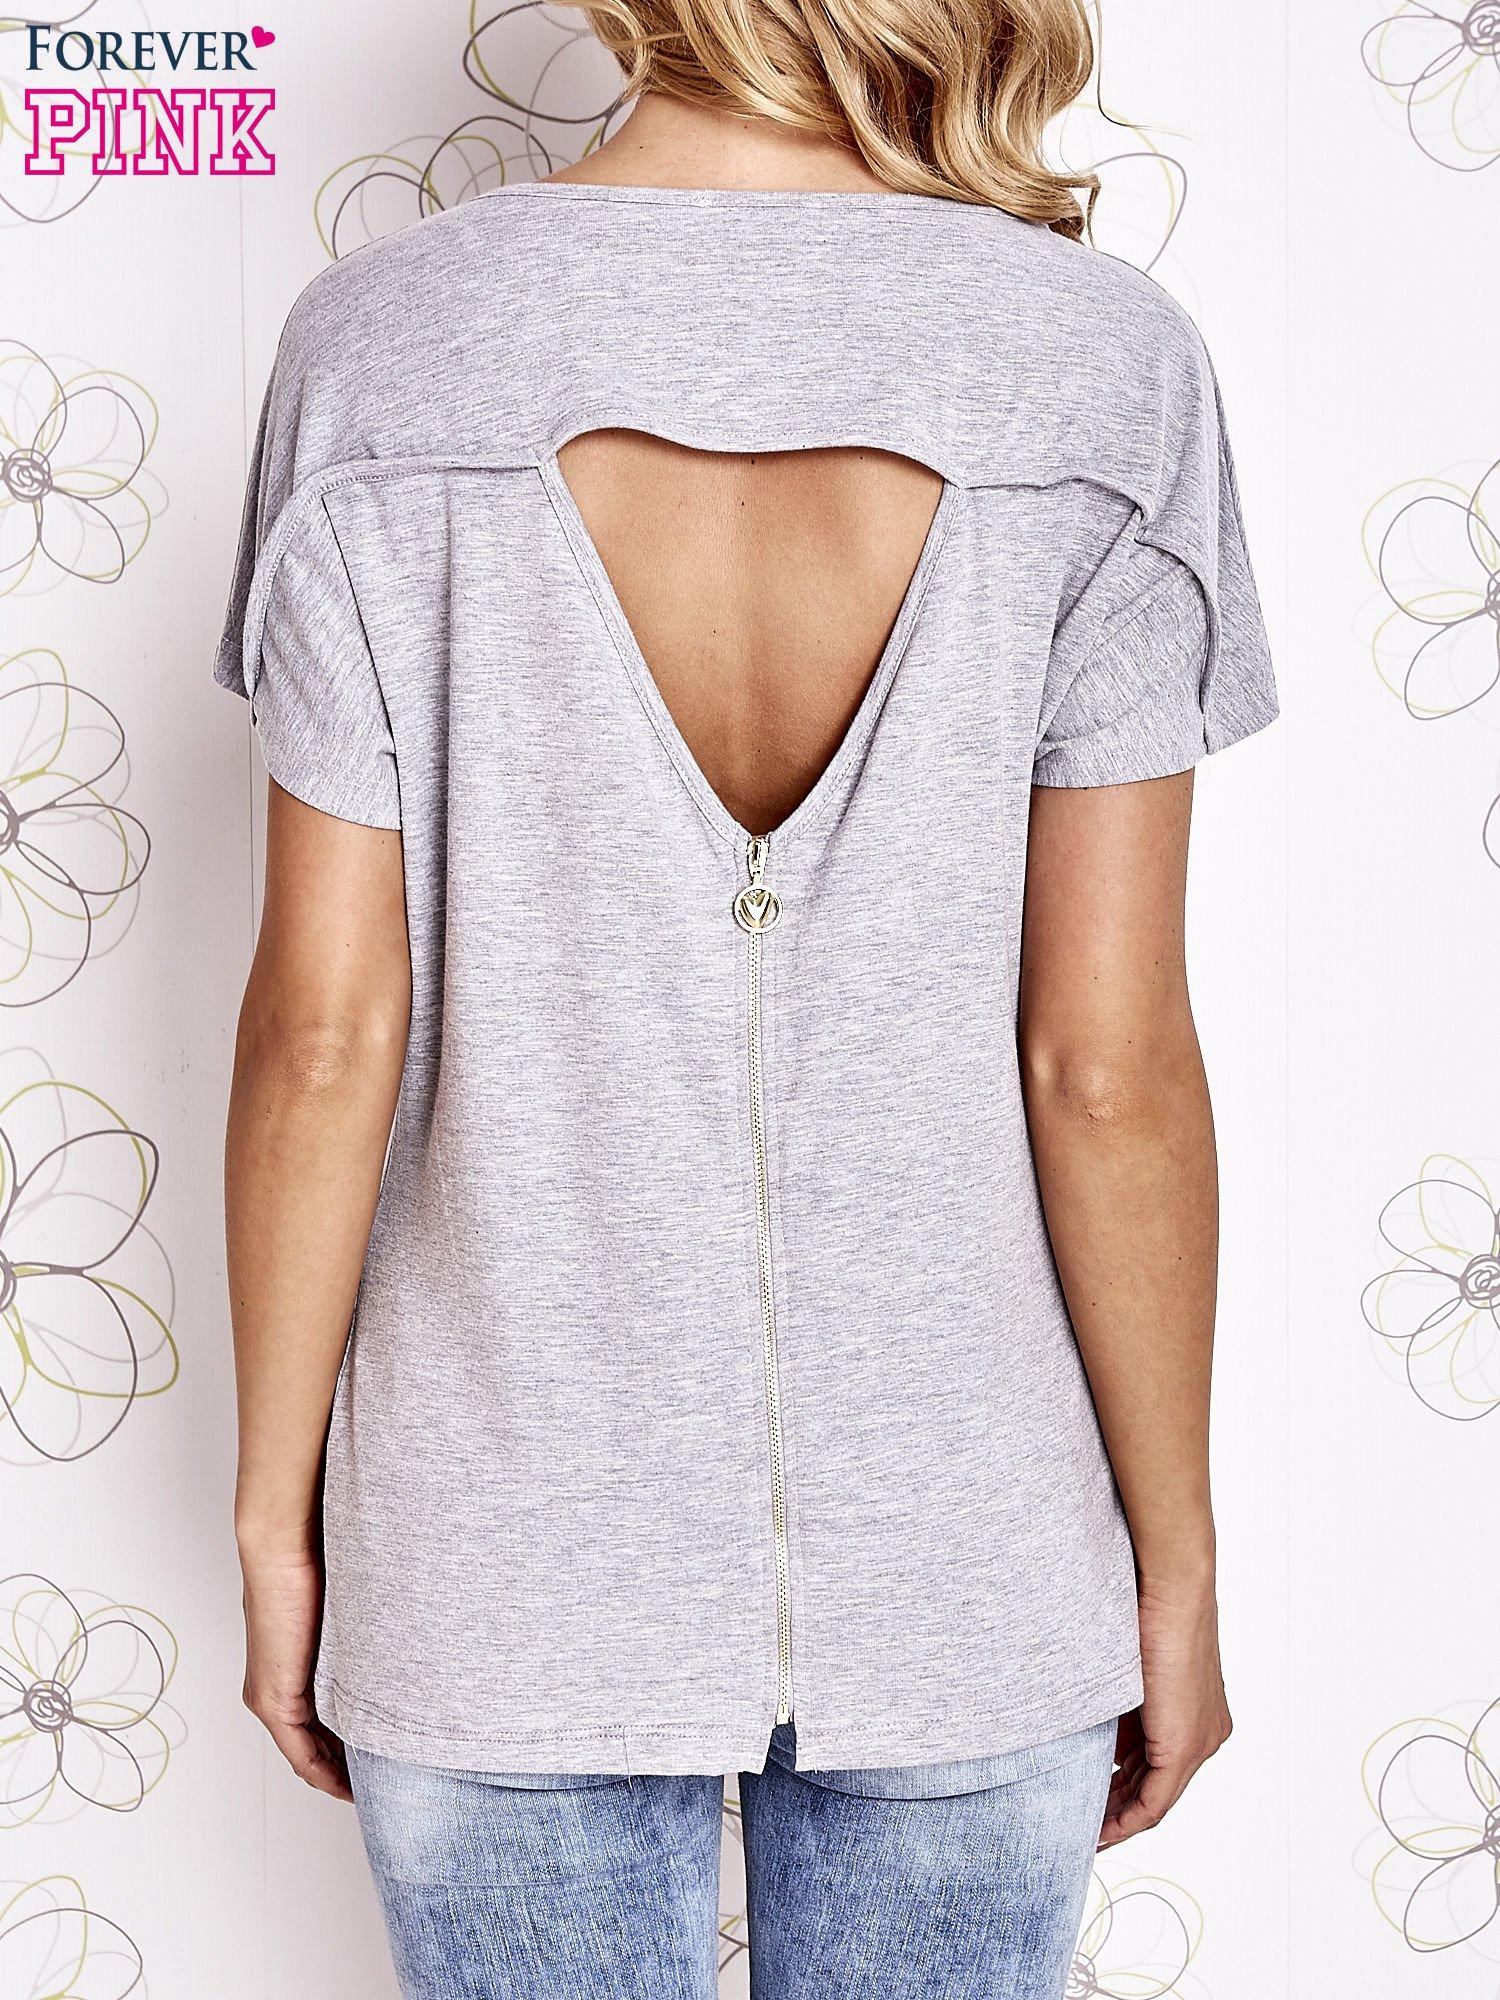 Szary t-shirt z napisem i trójkątnym wycięciem na plecach                                  zdj.                                  2